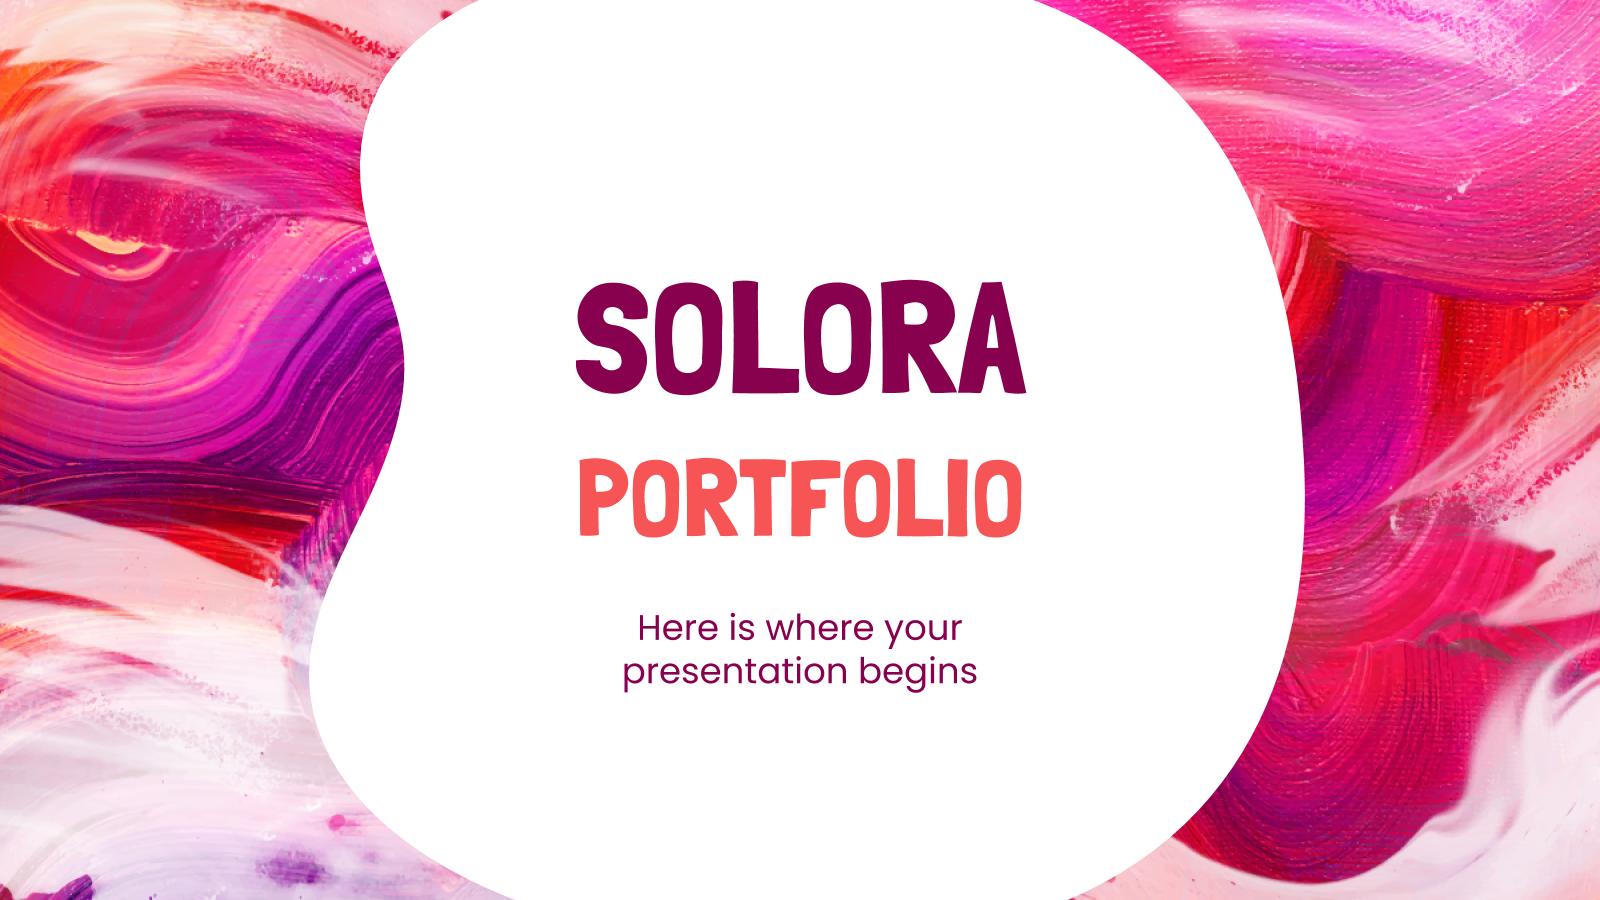 Plantilla de presentación Portafolio Solora